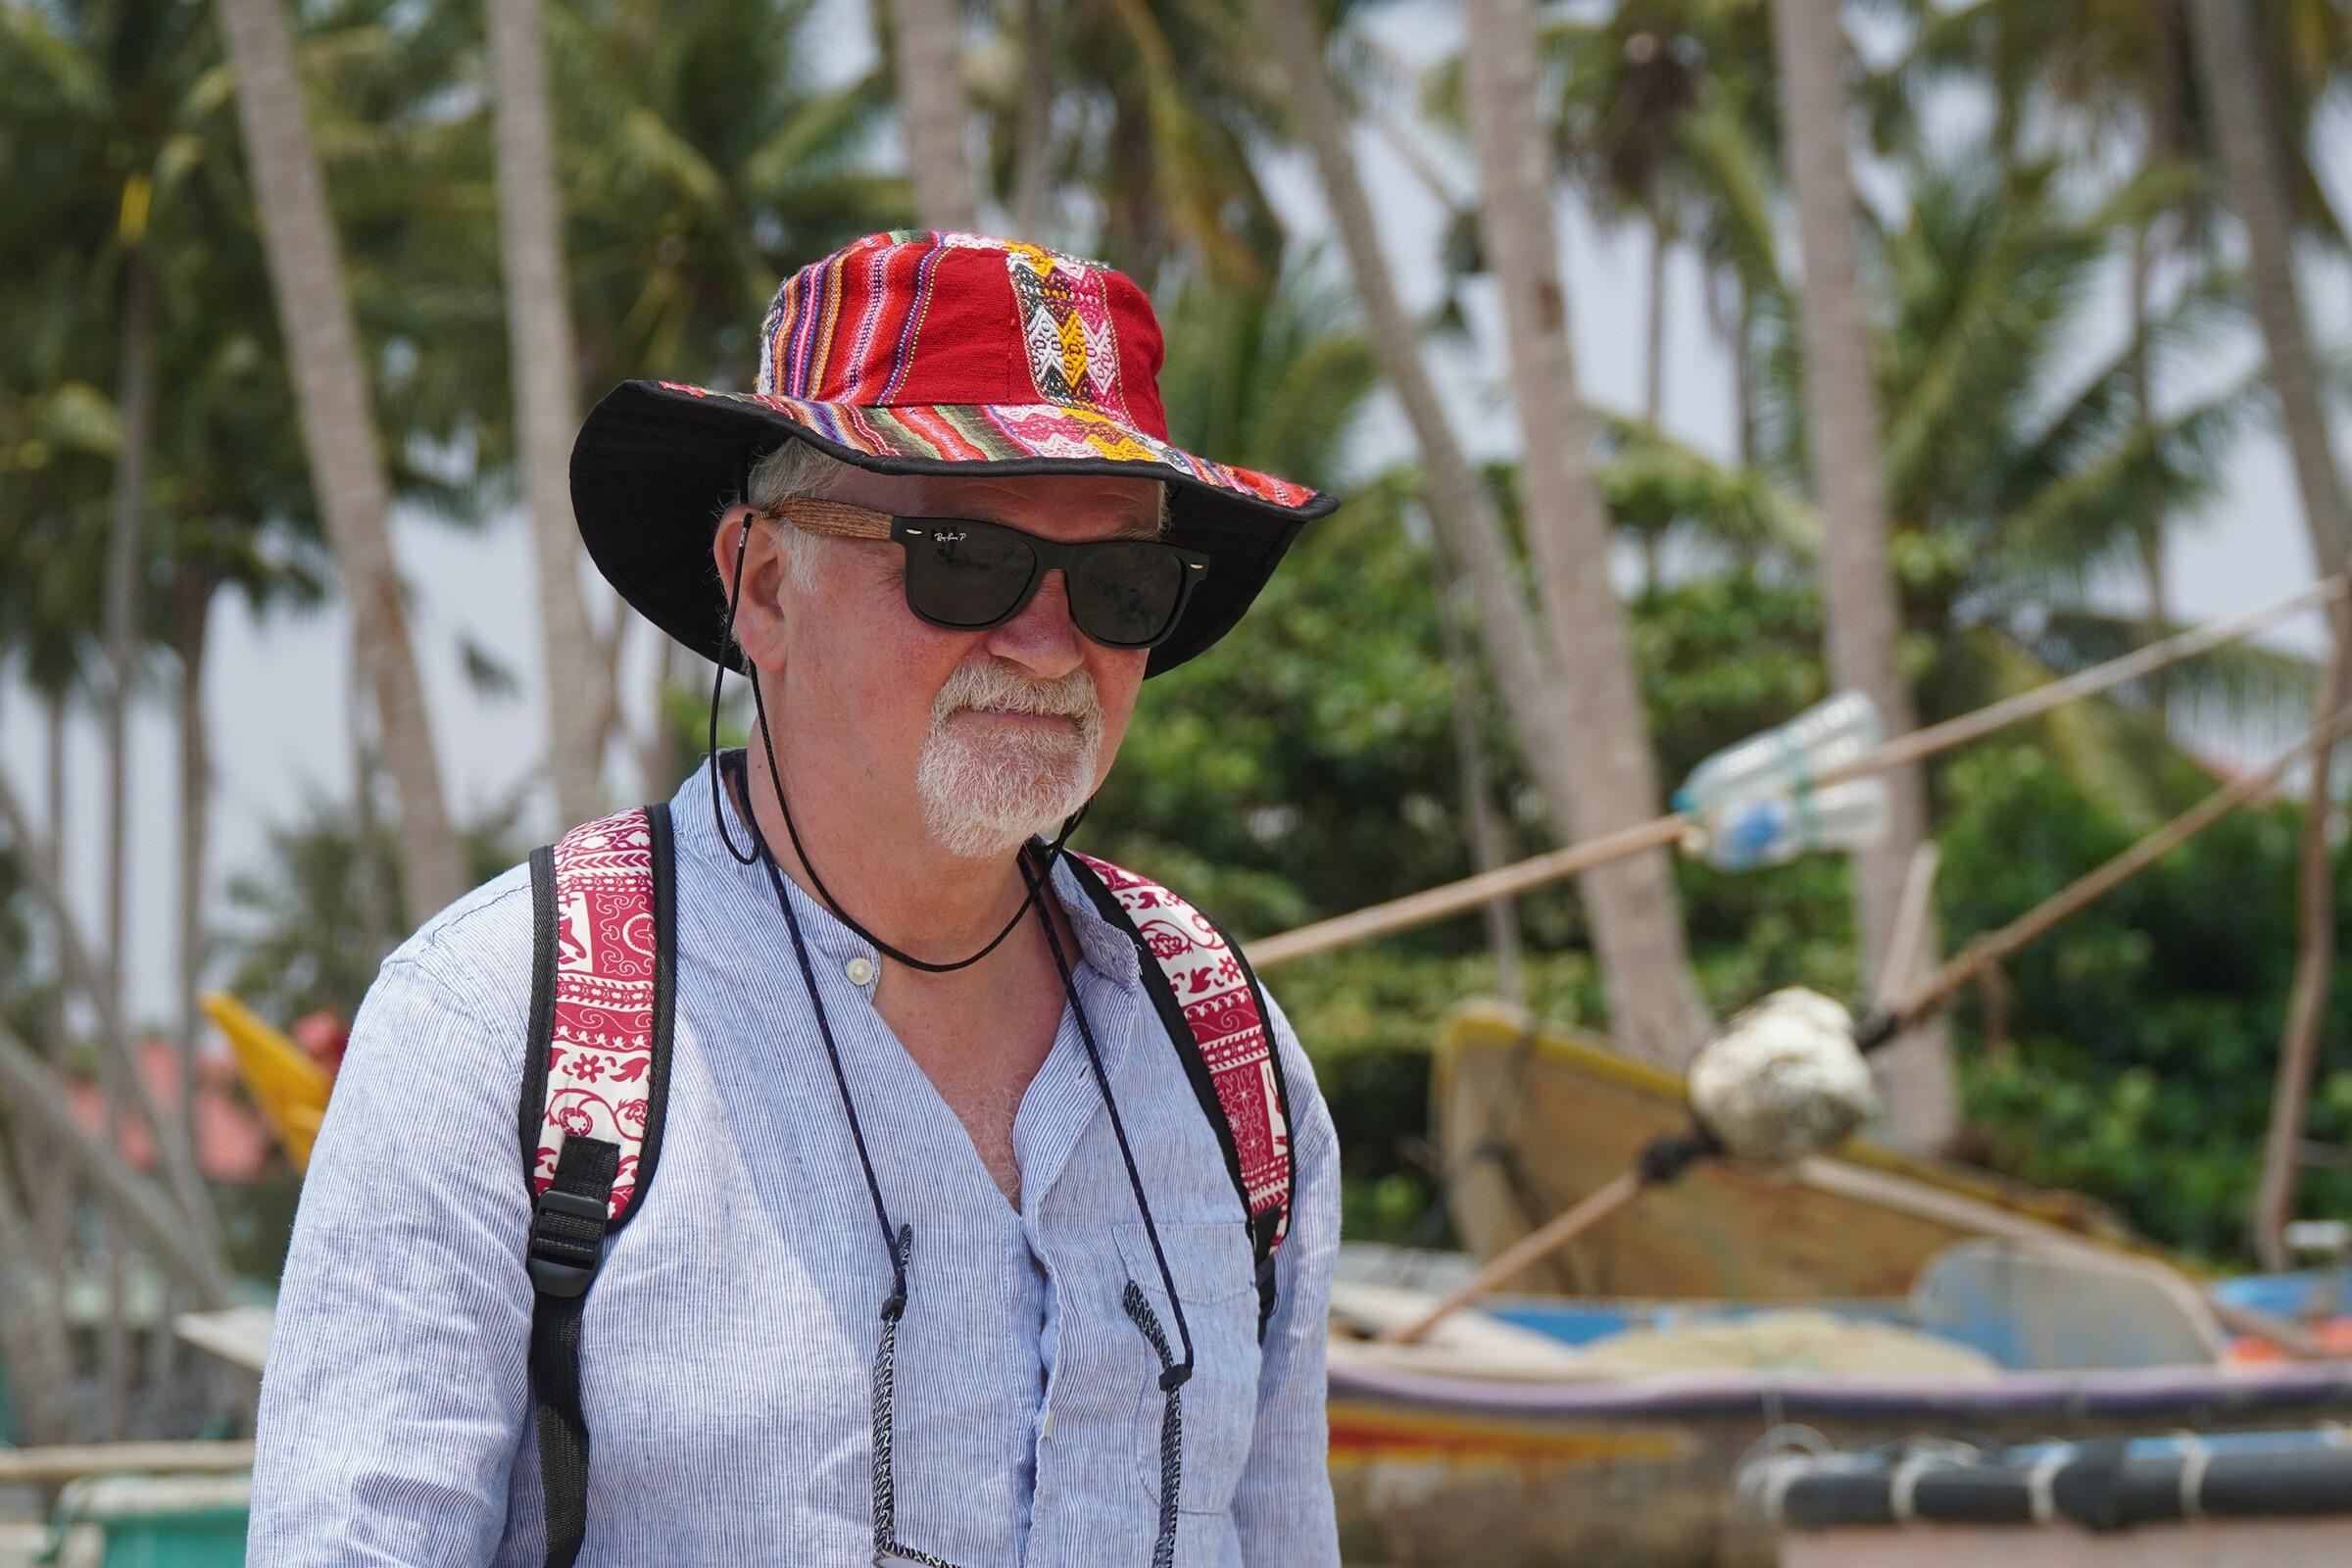 Du khách quốc tế đi bộ trên bãi biển Rạng, Mũi Né, Bình Thuận hồi tháng 3/2020.  Ảnh:Việt Quốc.